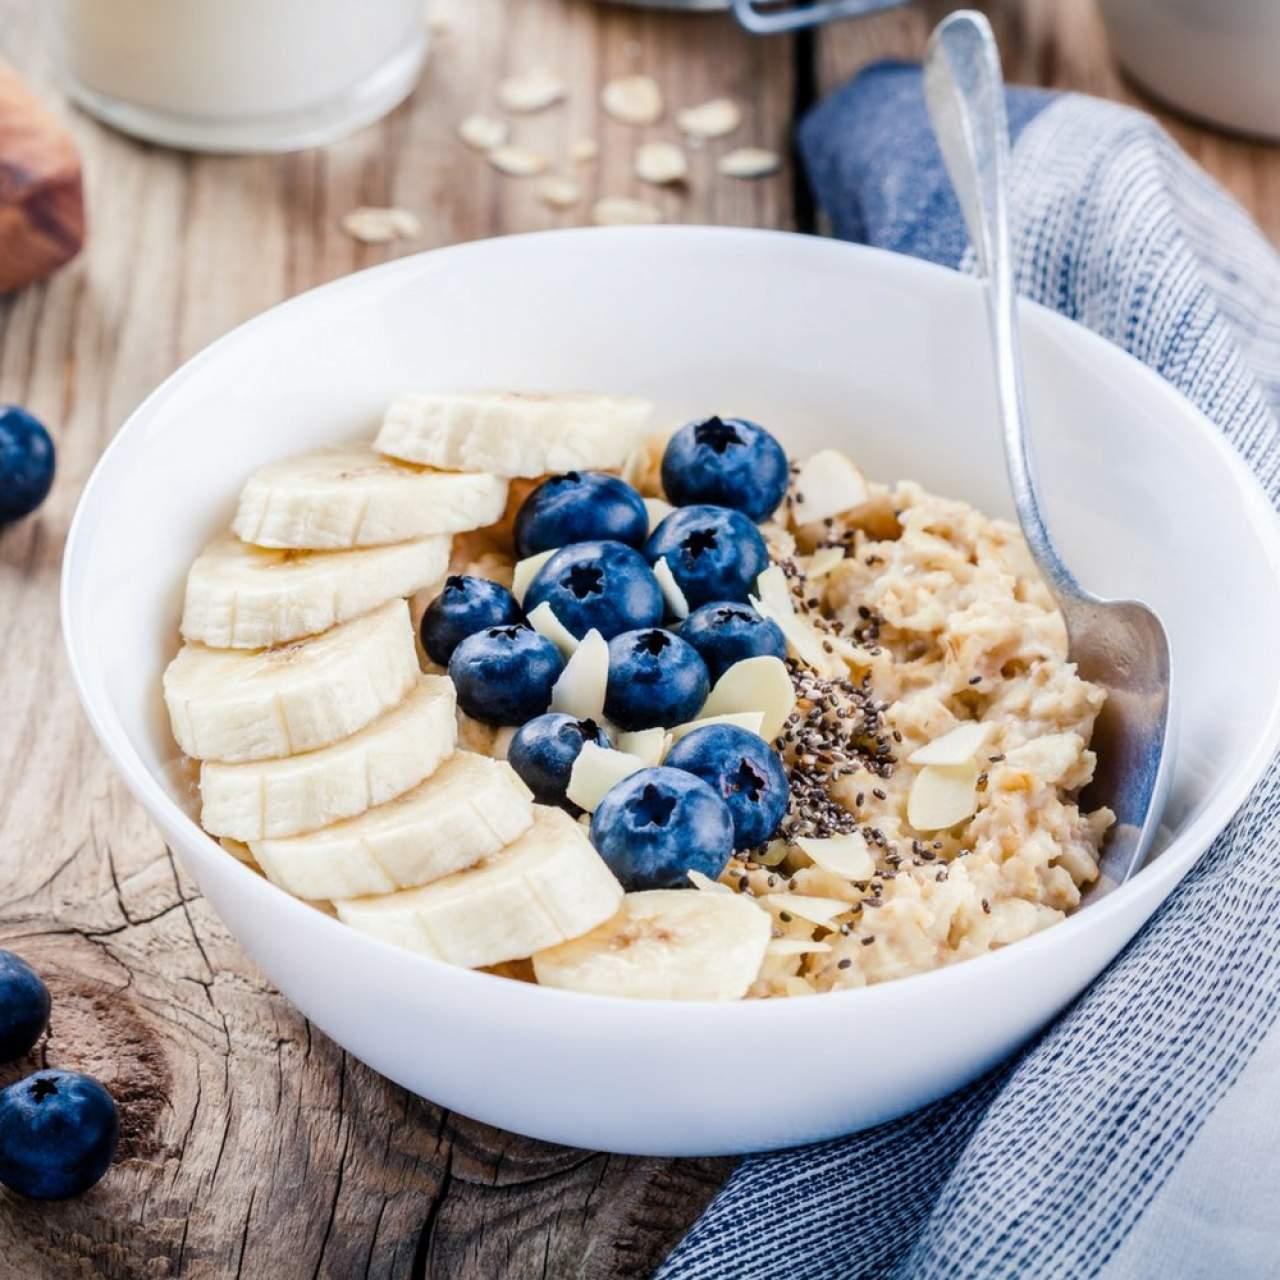 weight loss diet overnight oats